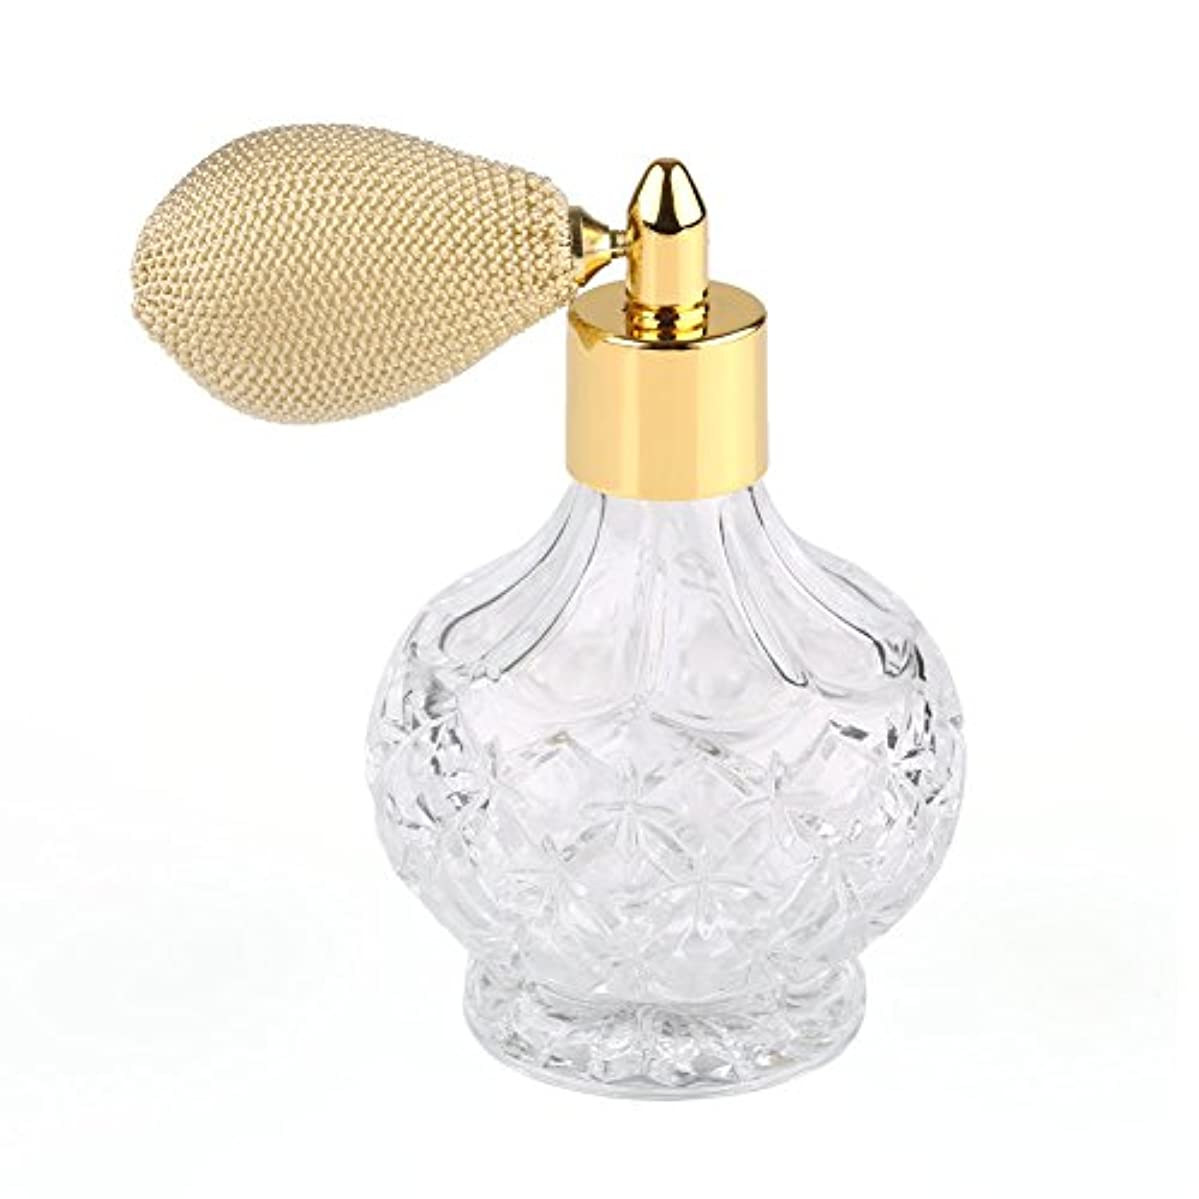 球状破滅的な誕生日高品質18MMガラスボトル香水瓶 アトマイザー  クリア星柄ストリームラインデザイン 金色ニットスプレー 80ML ホーム飾り 装飾雑貨 ガラス製